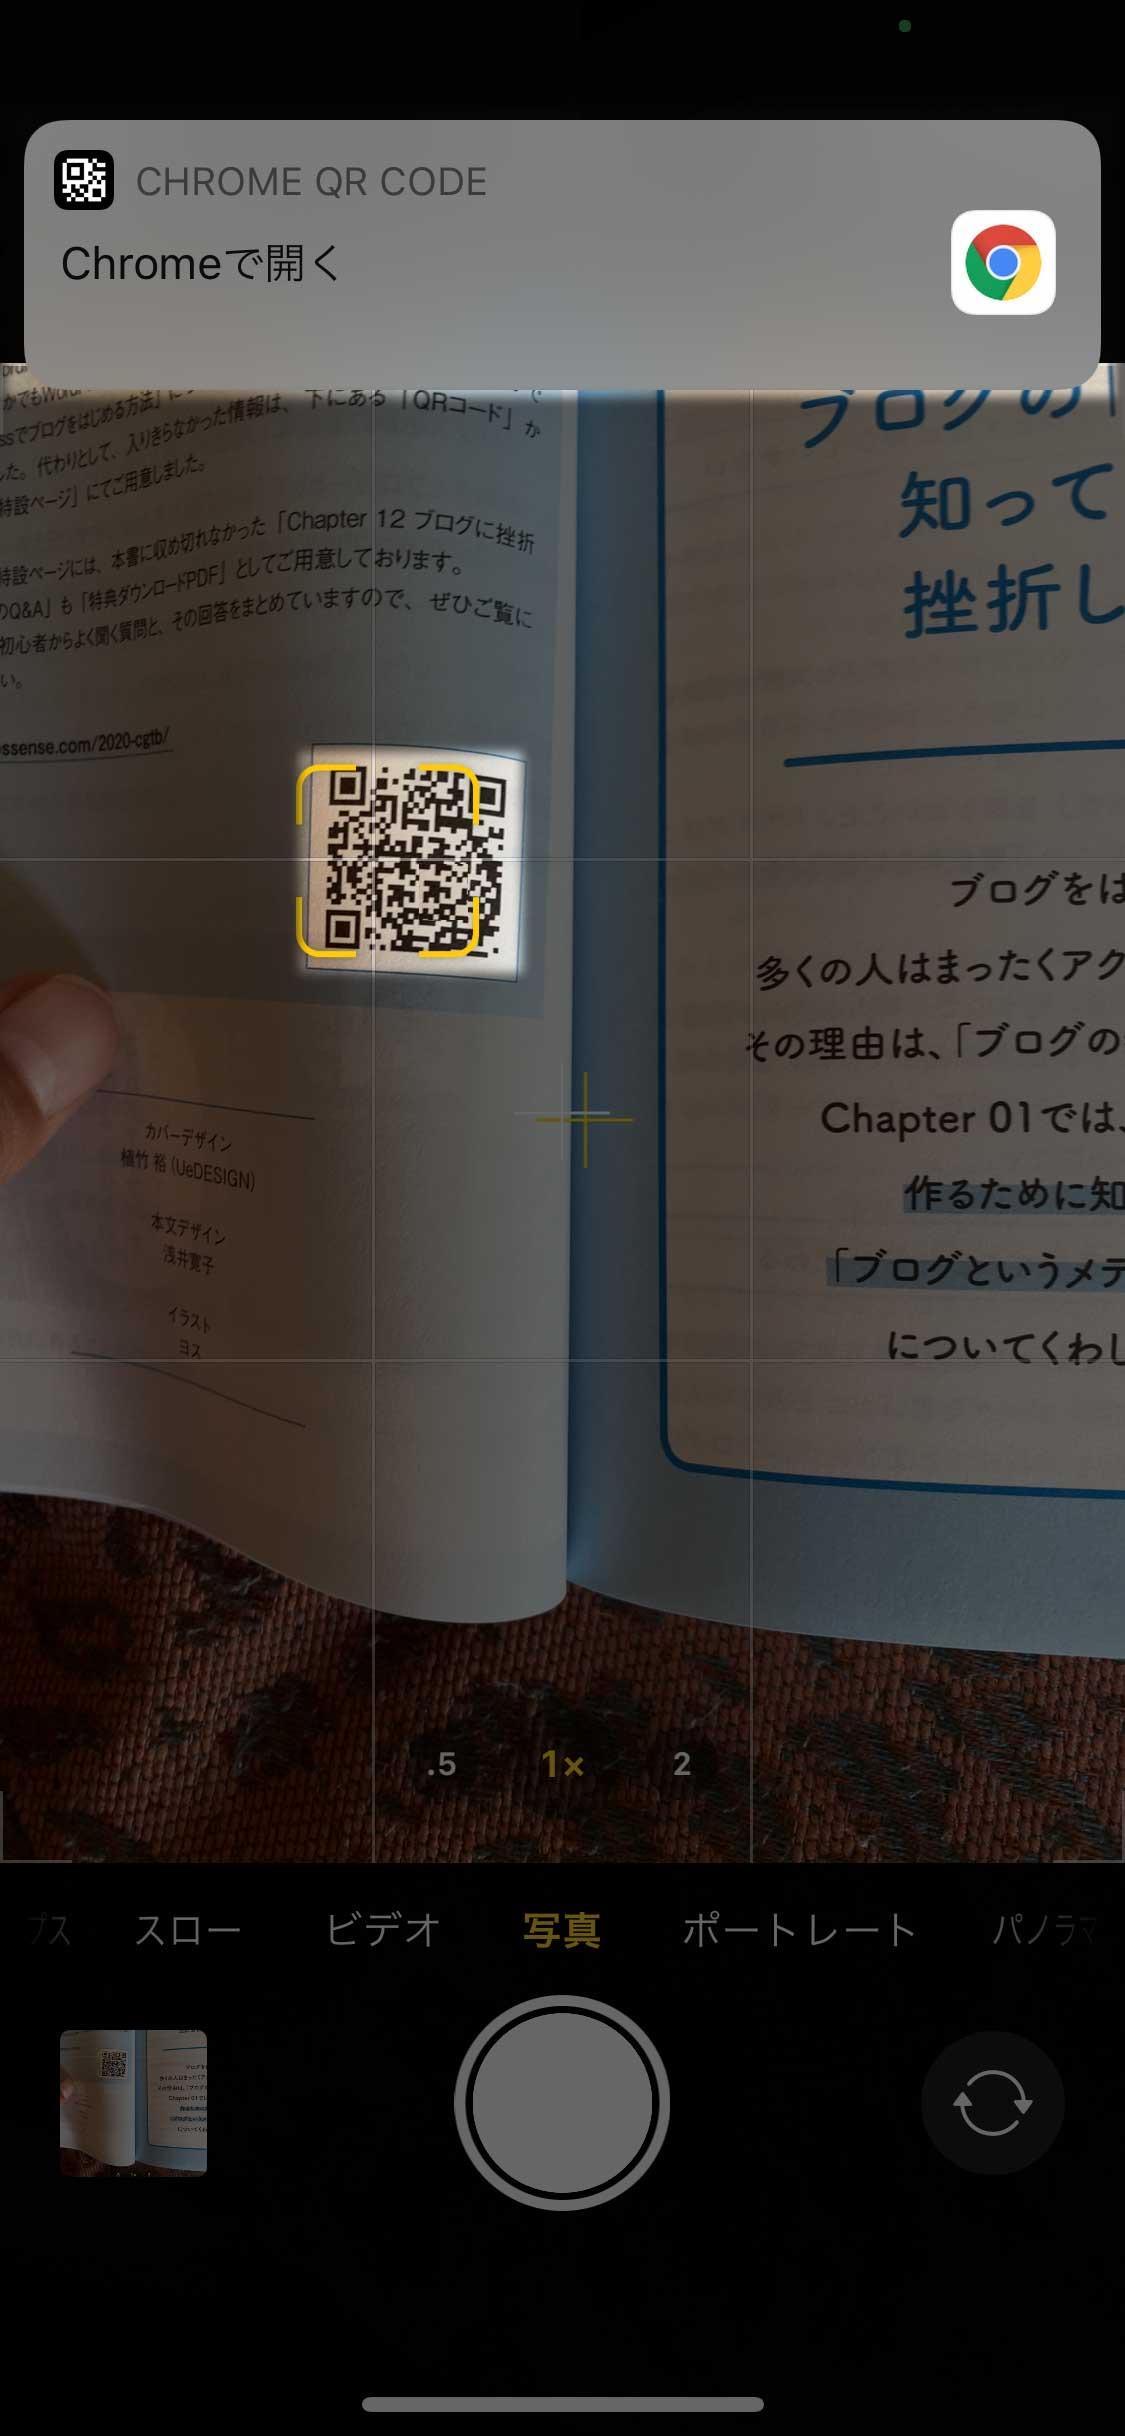 これで、QRコードを読み込んでもクロームで開く